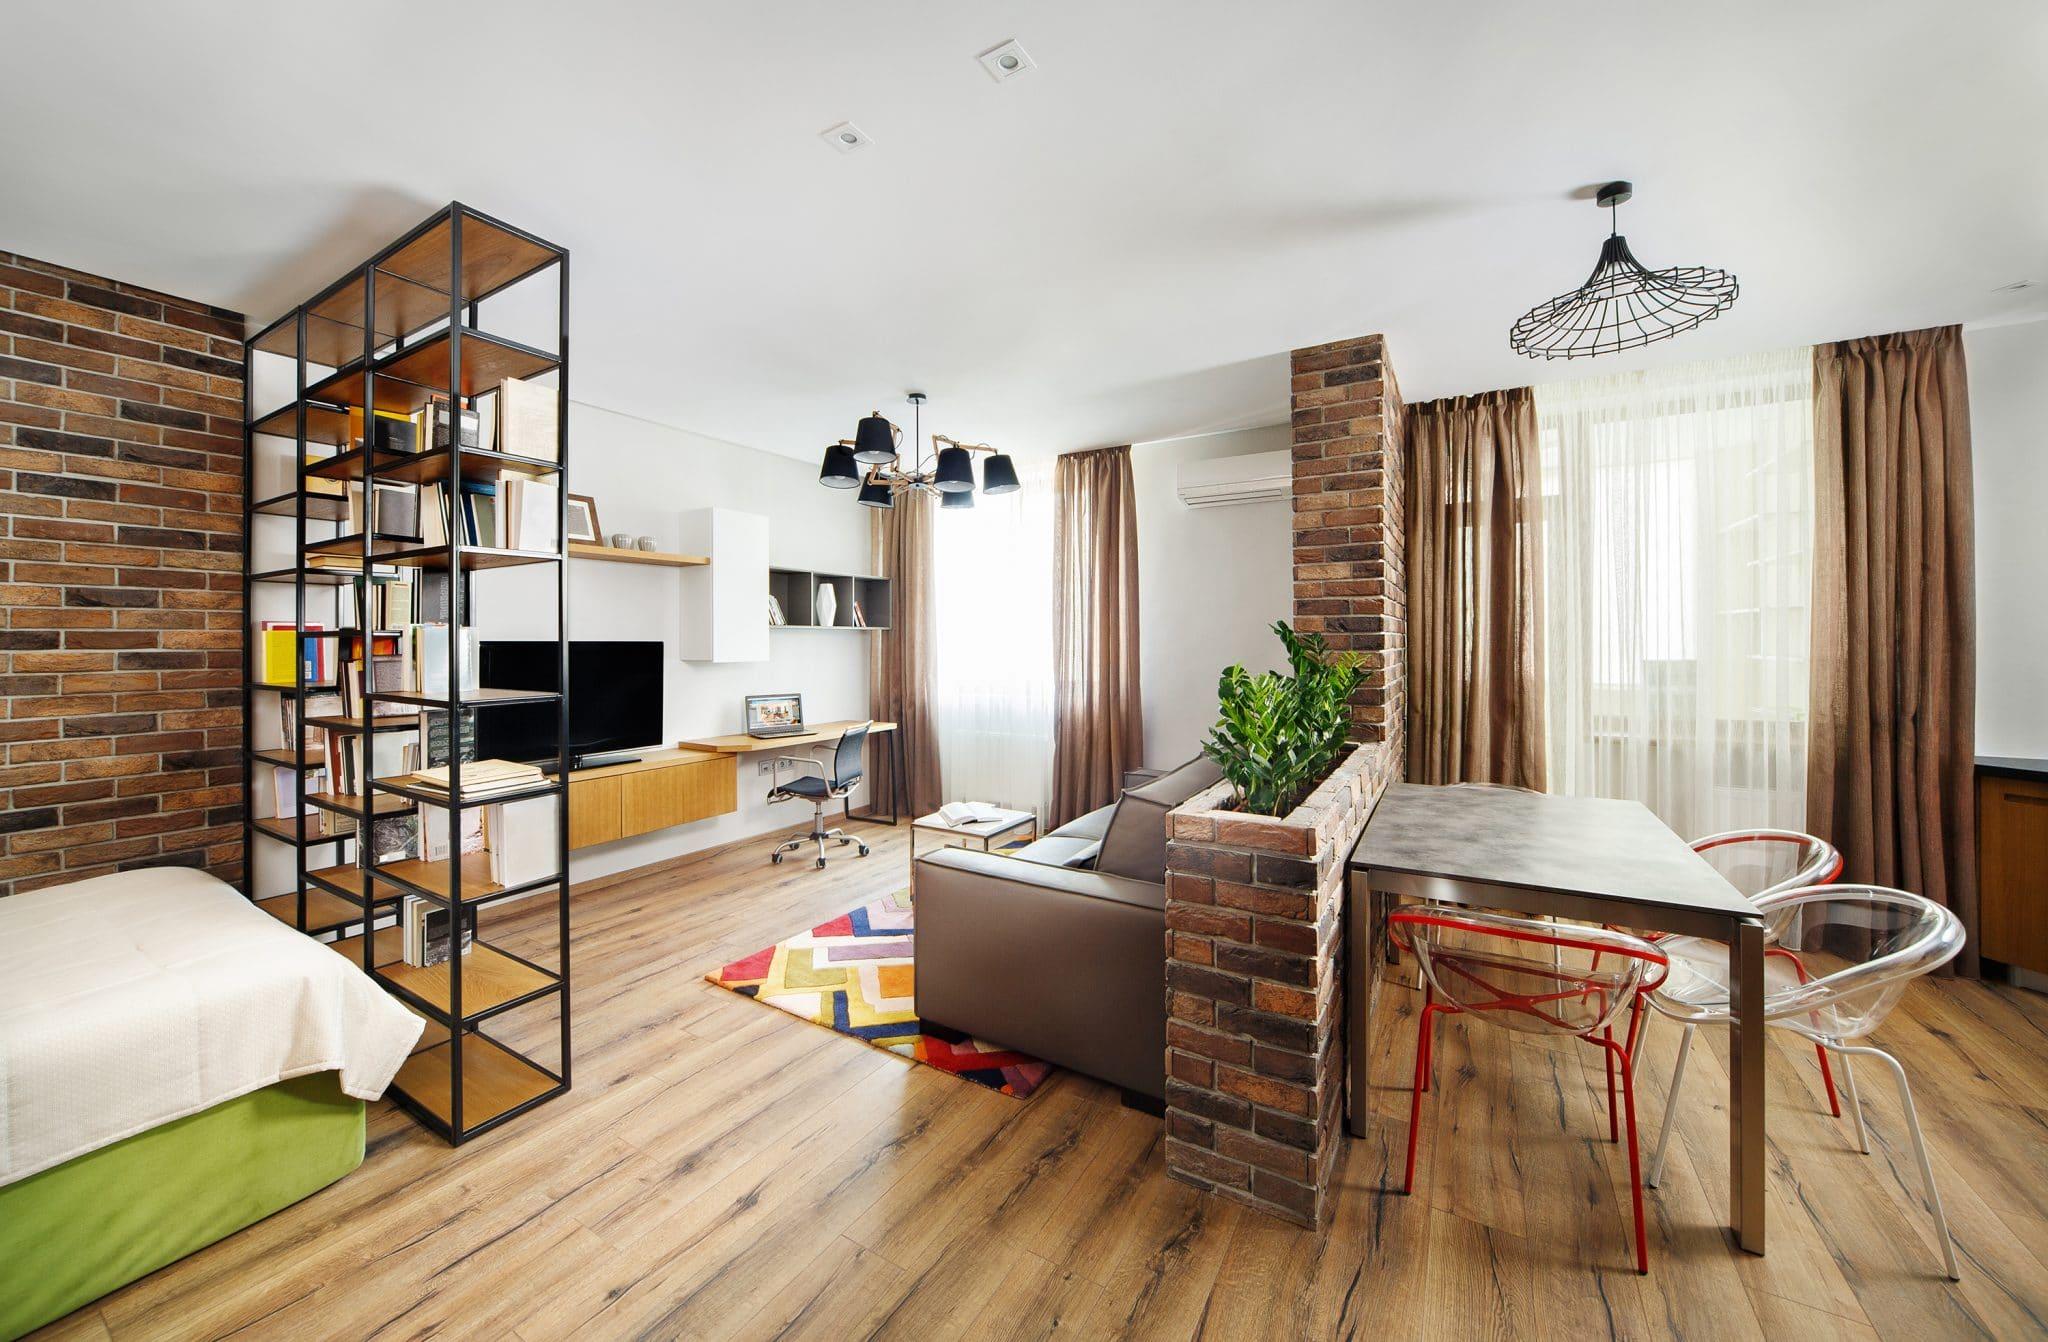 Rénovation d'Appartement Saint-Étienne (42)